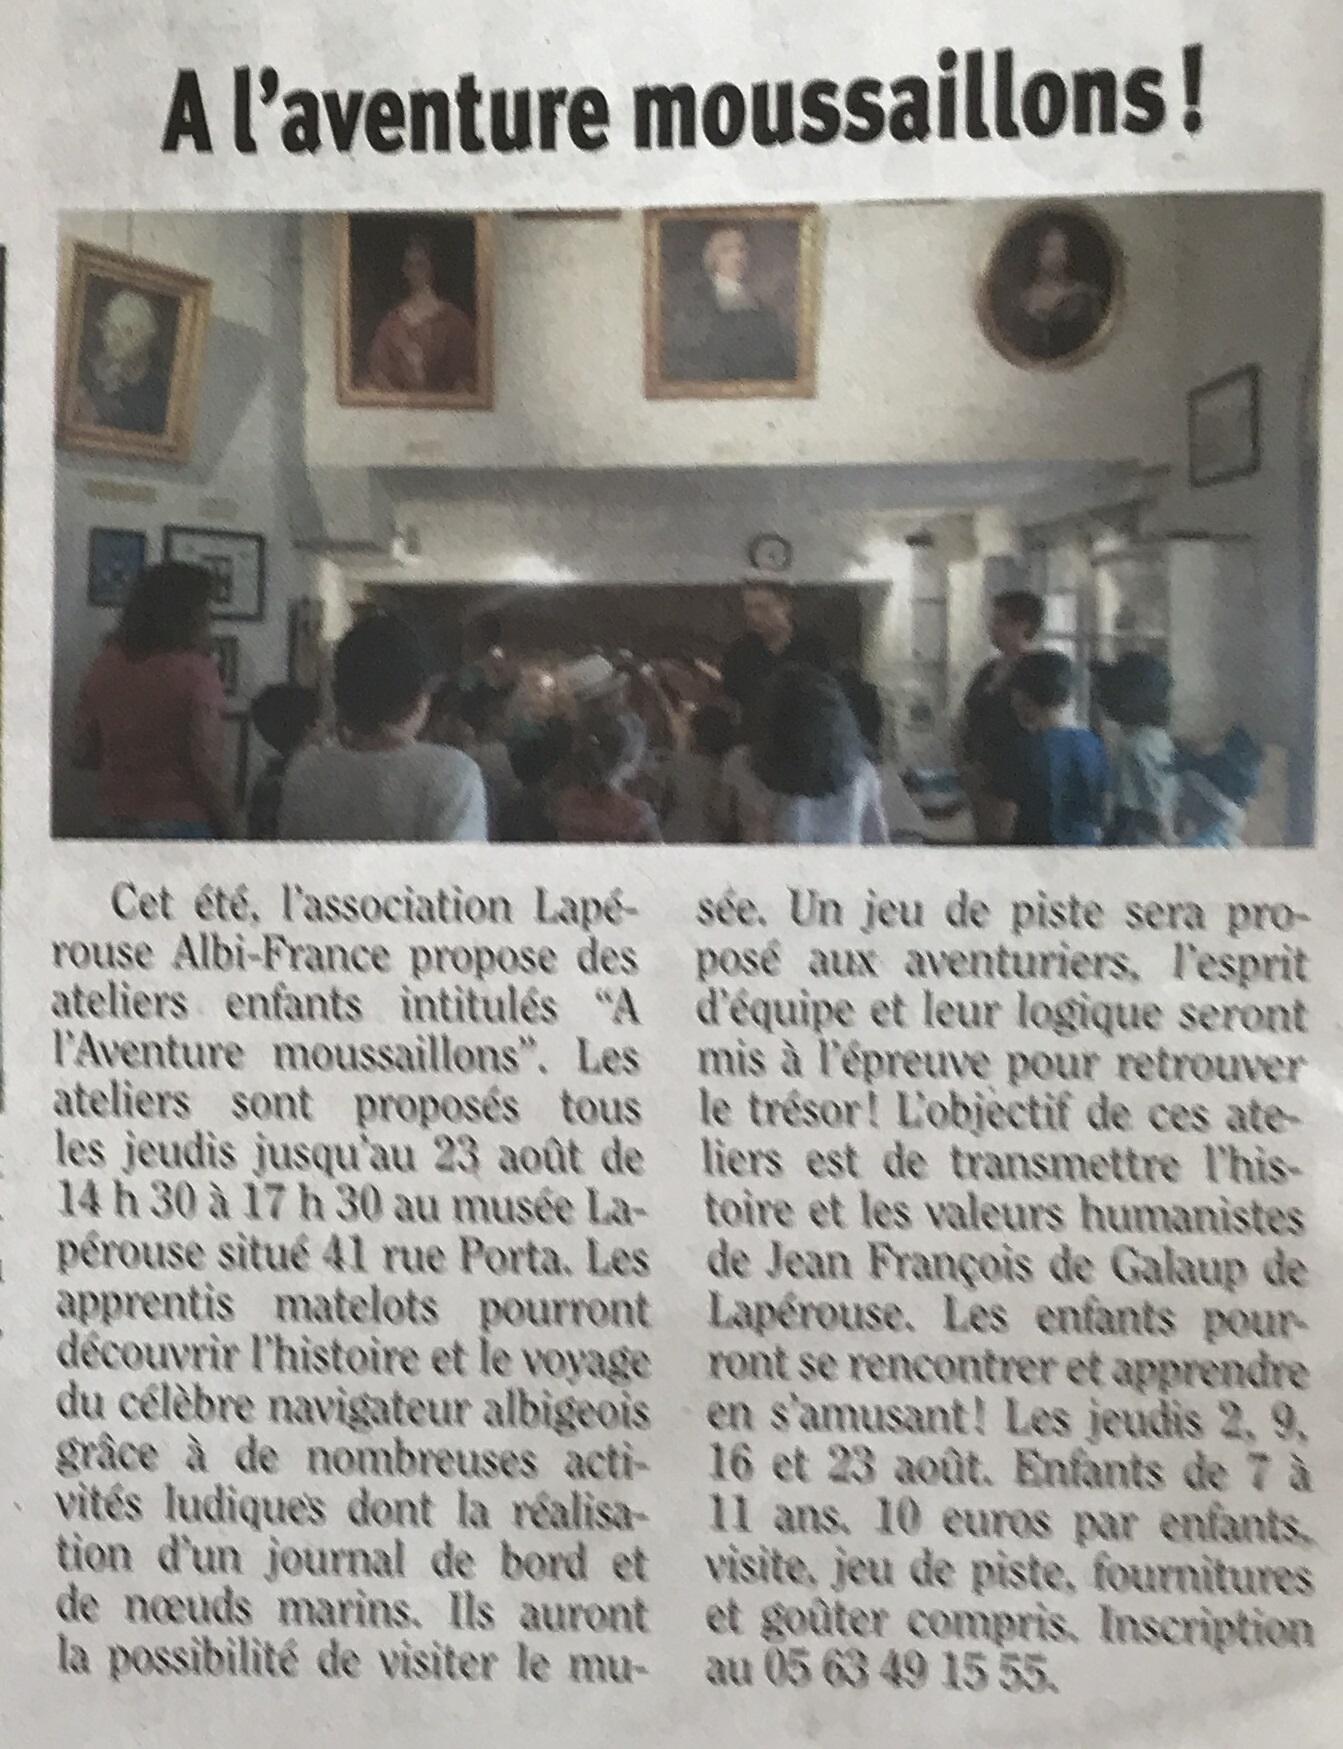 Article paru dans La Dépêche le 27/07/2018